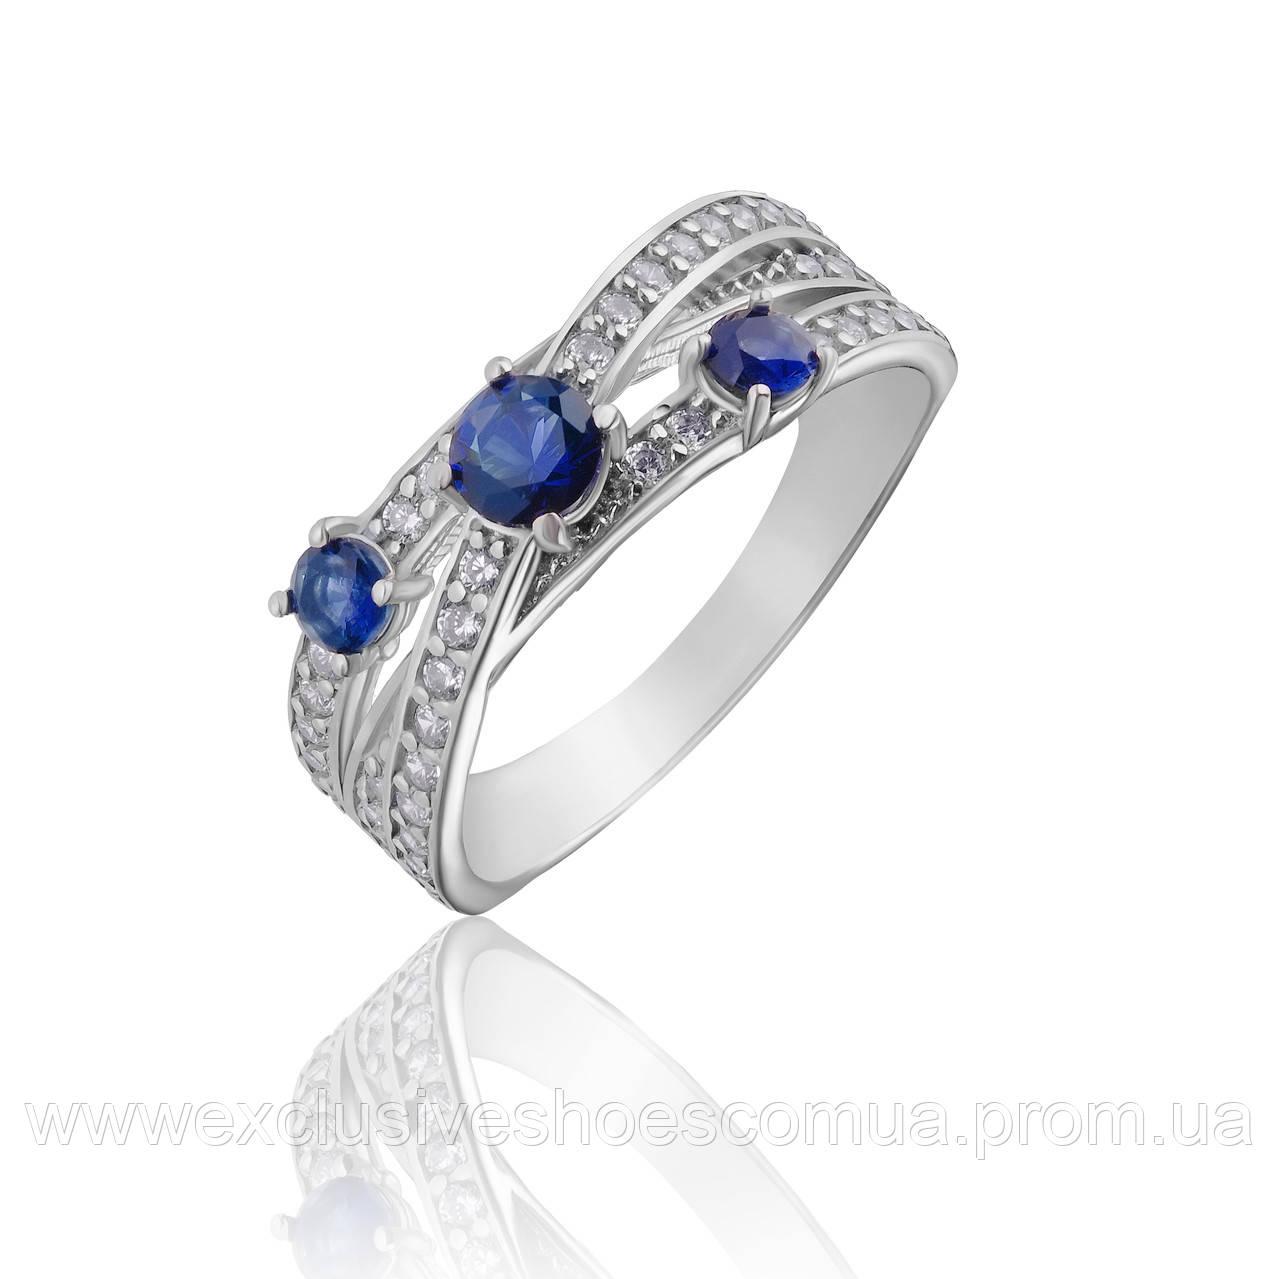 """Серебряное кольцо """"Селена"""" с тремя синими и белыми фианитами, арт-910059с"""